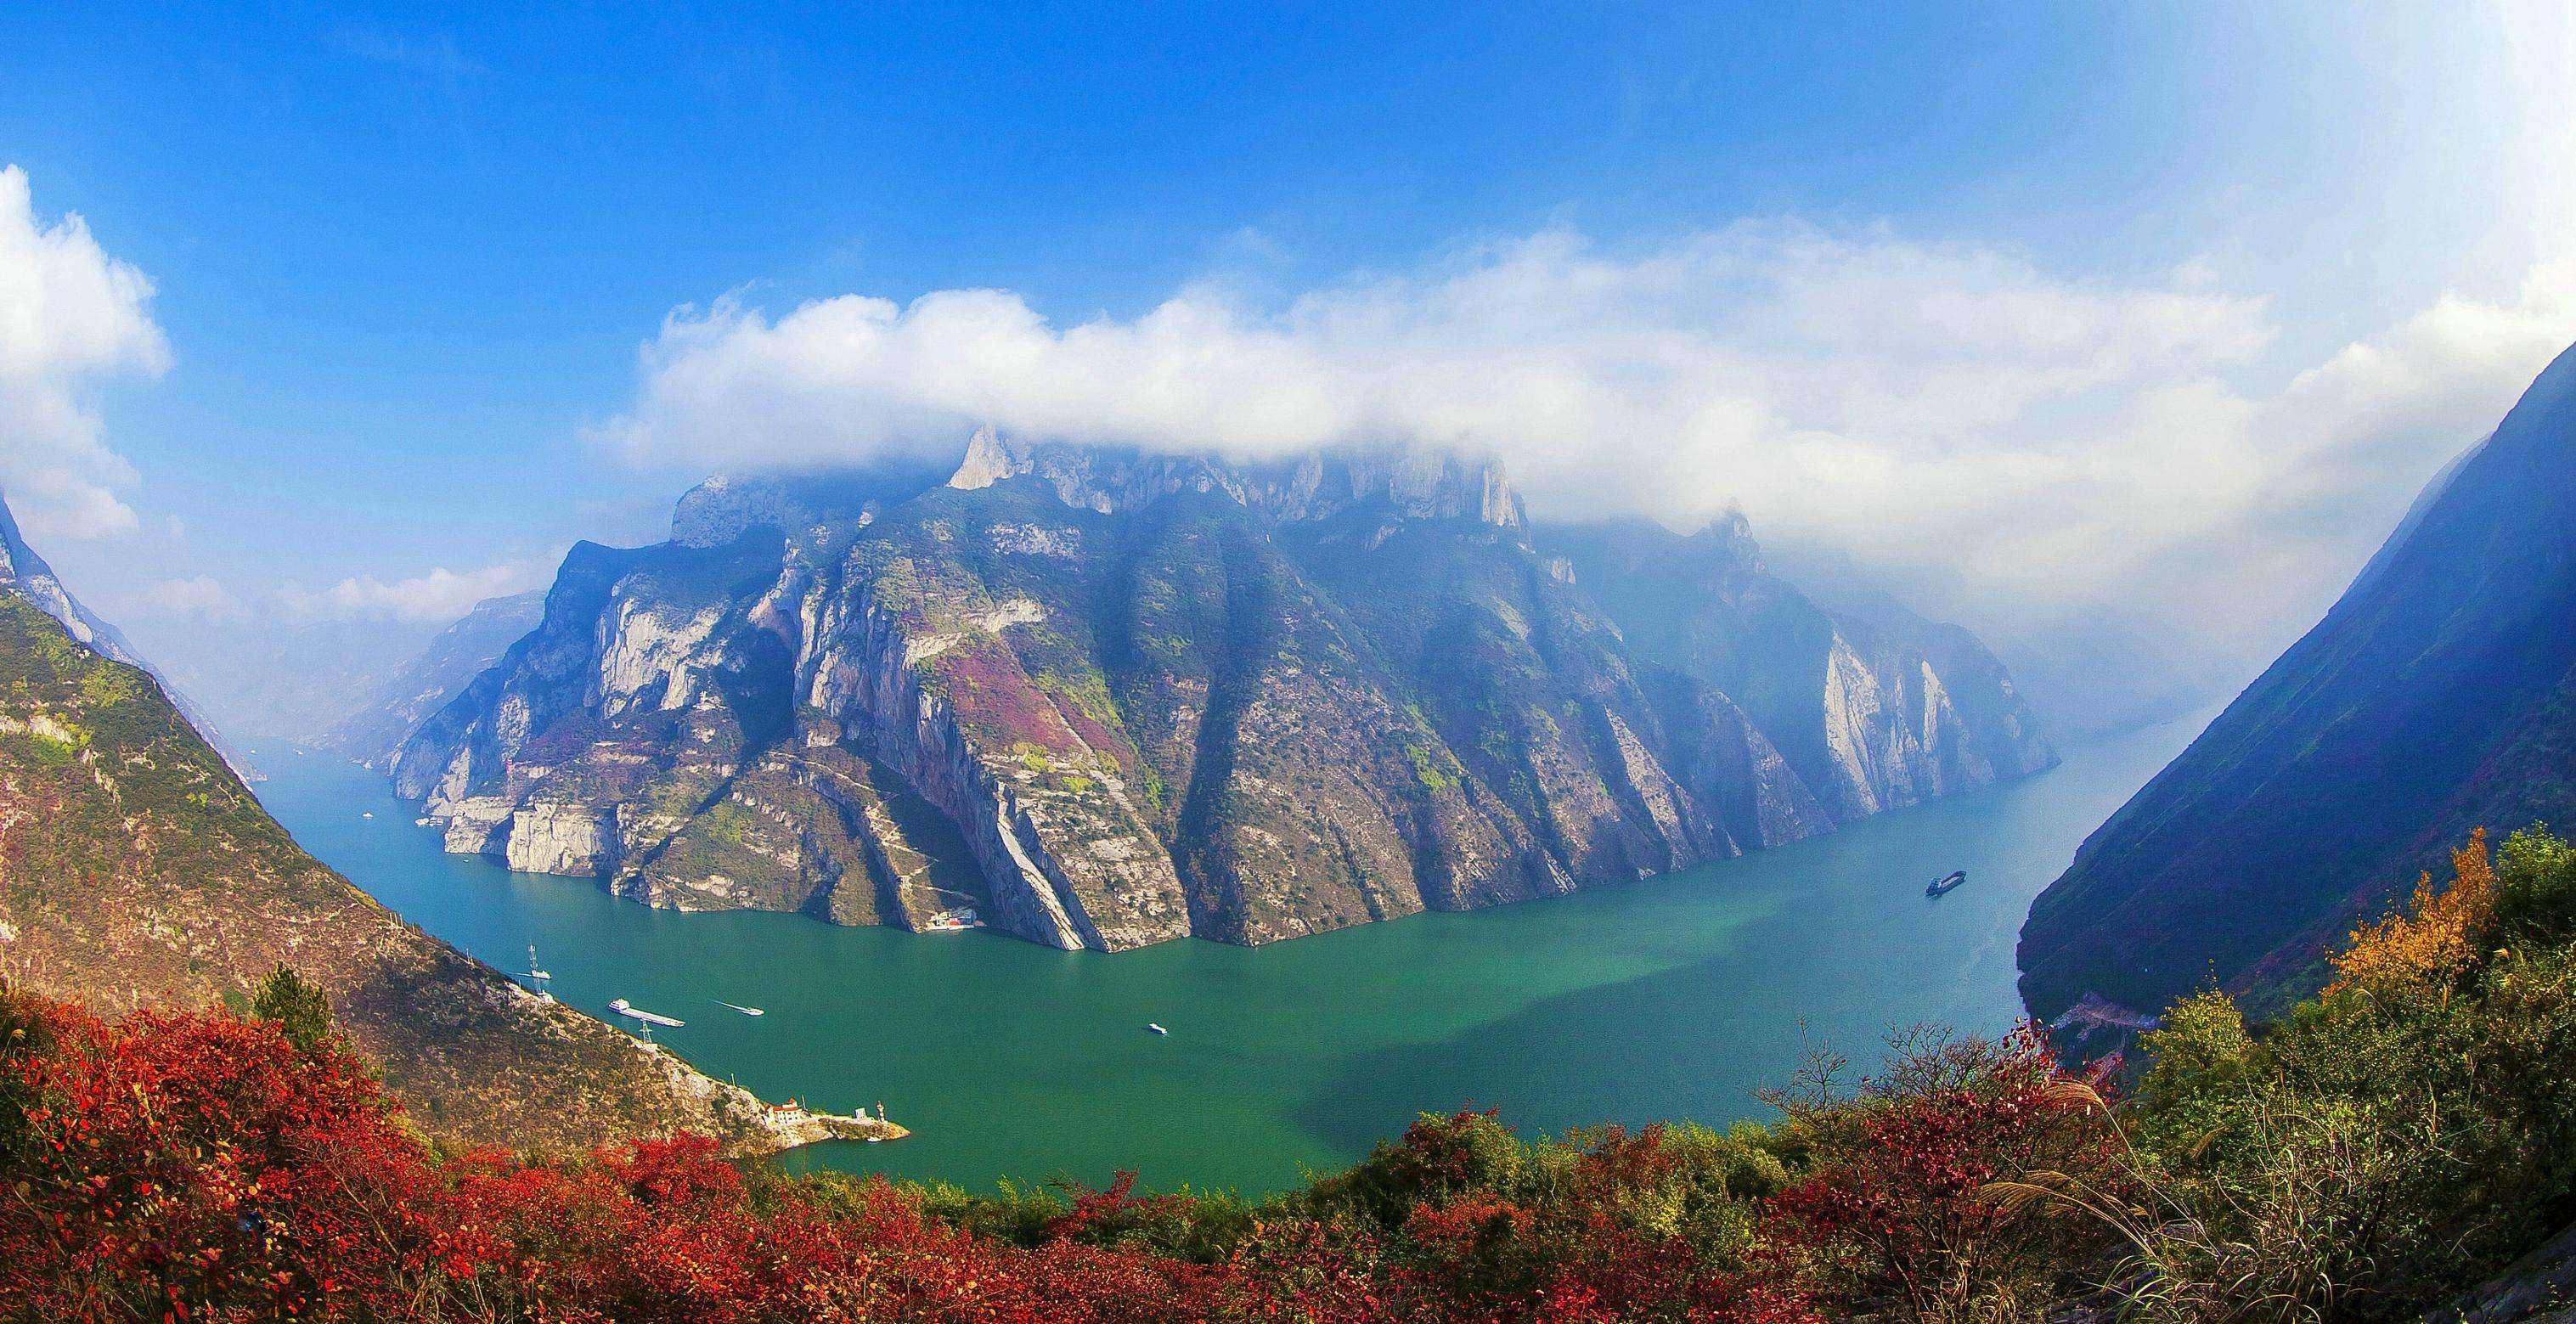 Magnificent Wu Gorge